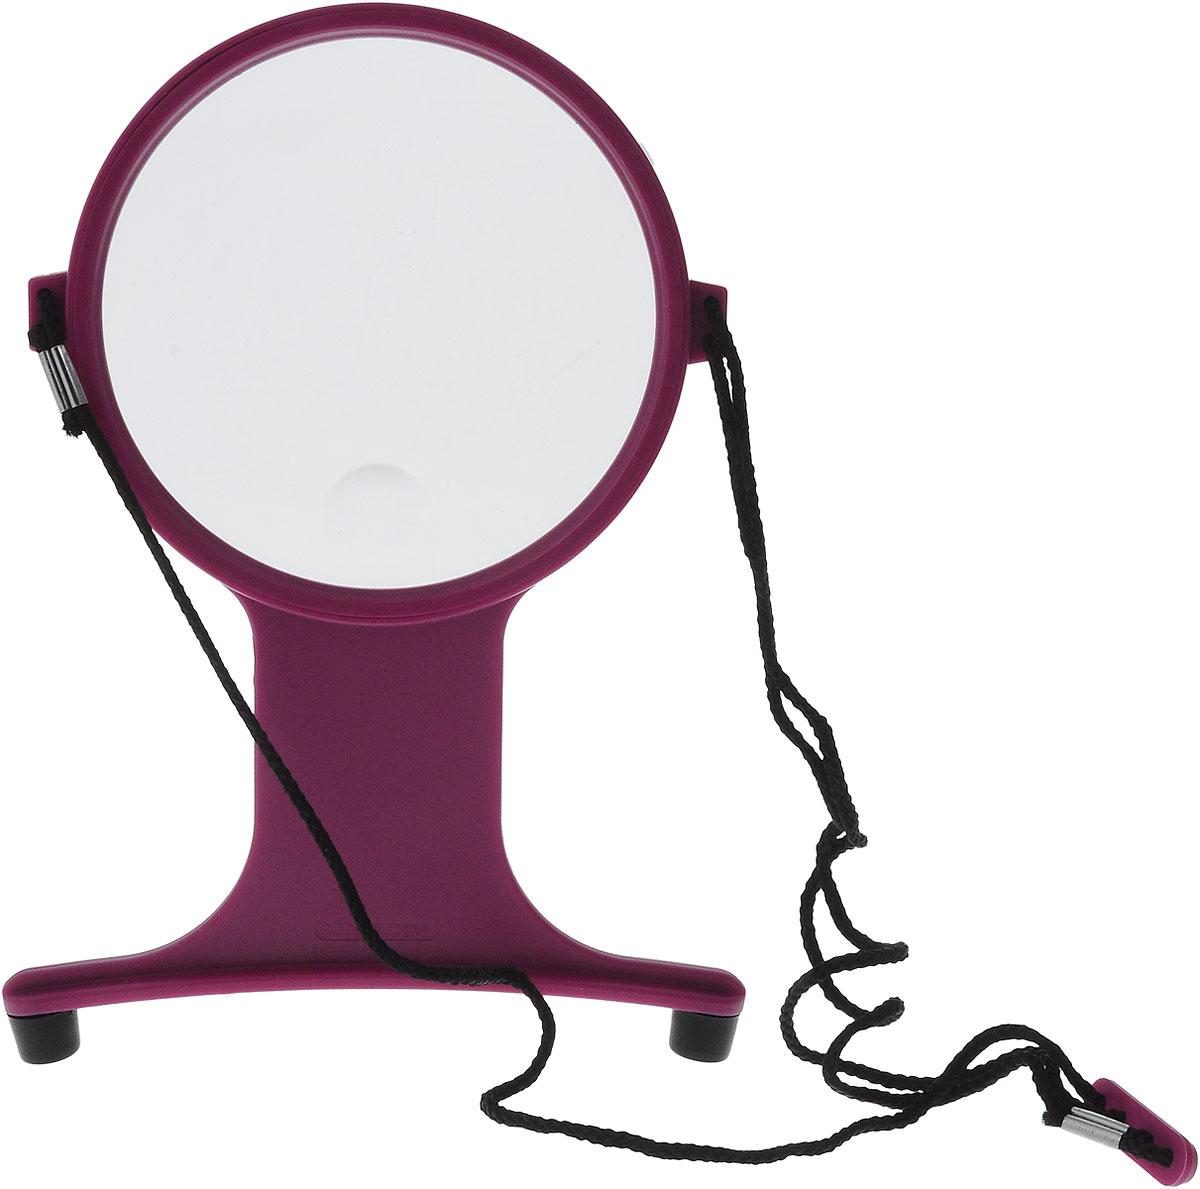 Лупа для вышивания Hemline, цвет: пурпурный, прозрачный988_пурпурныйЛупа для вышивания Hemline оснащена текстильной веревкой, которая позволит регулировать расстояние, тем самым фокусировать изображение, а также поворотной линзой и встроенной дополнительной линзой с восьмикратным увеличением. Изделие выполнено из пластика и имеет резиновые ножки. Такая лупа идеальна для ручной работы, поделок и при чтении. Диаметр линзы: 10,5 см. Увеличение: пятикратное (х5).